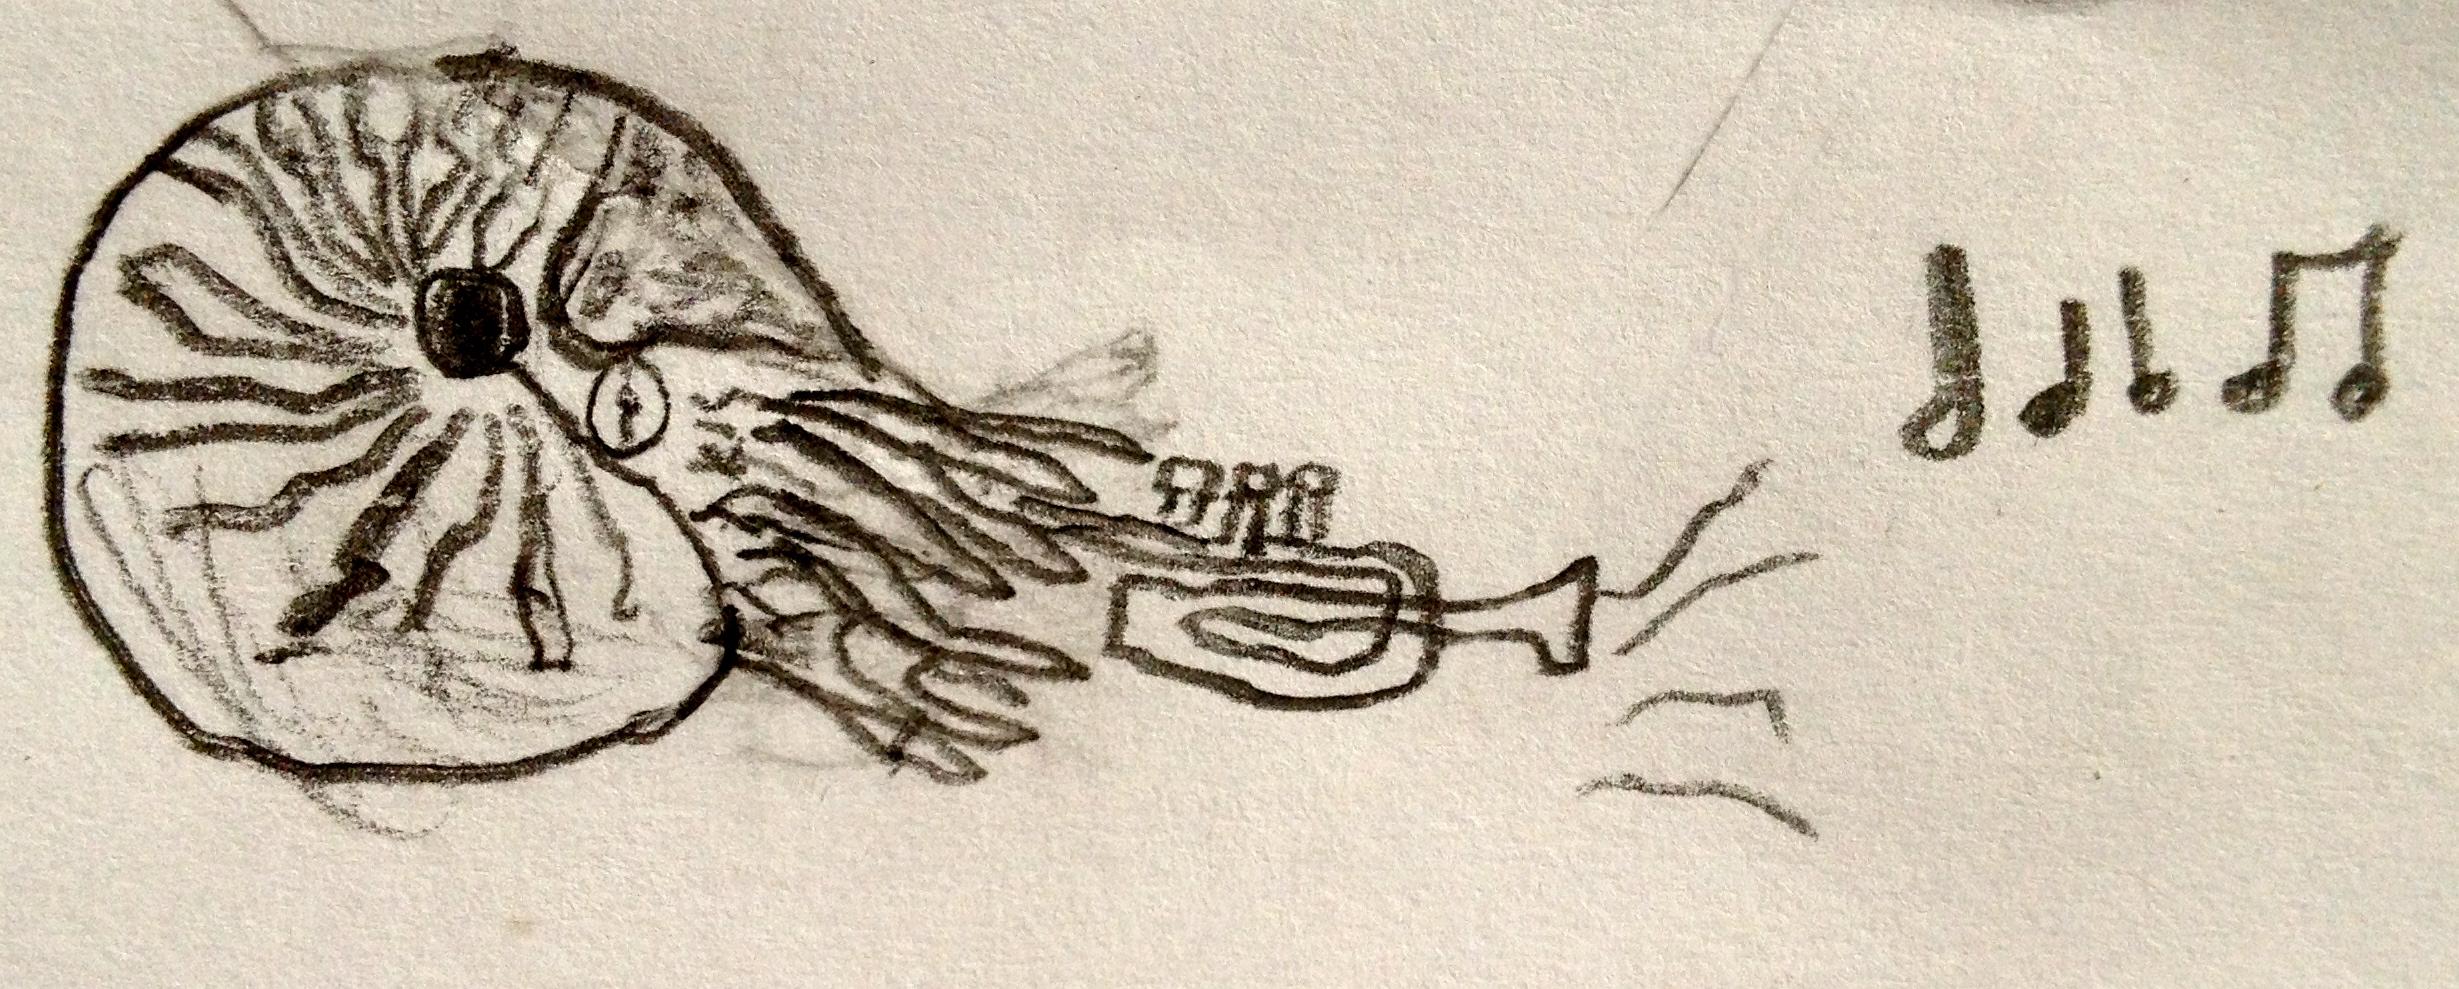 My son, Owen Curtis, drew this flexible nautilus superhero playing trumpet.